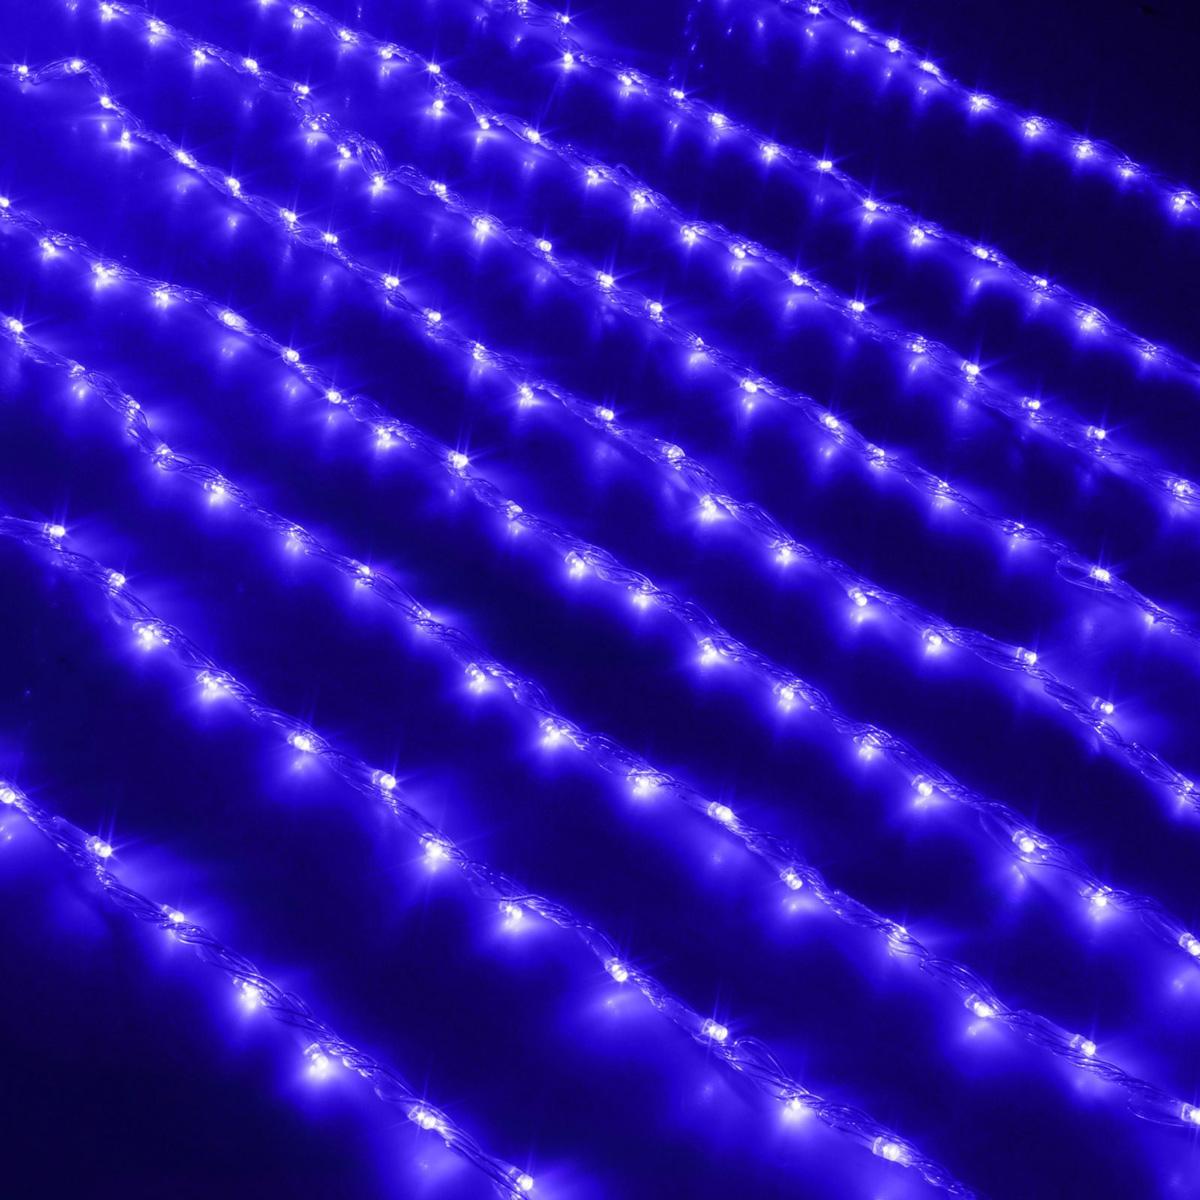 Гирлянда светодиодная Luazon Дождь, уличная, 800 ламп, 220 V, цвет: синий, 2 х 3 м. 187317187317Светодиодные гирлянды, ленты и т.д — это отличный вариант для новогоднего оформления интерьера или фасада. С их помощью помещение любого размера можно превратить в праздничный зал, а внешние элементы зданий, украшенные ими, мгновенно станут напоминать очертания сказочного дворца. Такие украшения создают ауру предвкушения чуда. Деревья, фасады, витрины, окна и арки будто специально созданы, чтобы вы украсили их светящимися нитями.